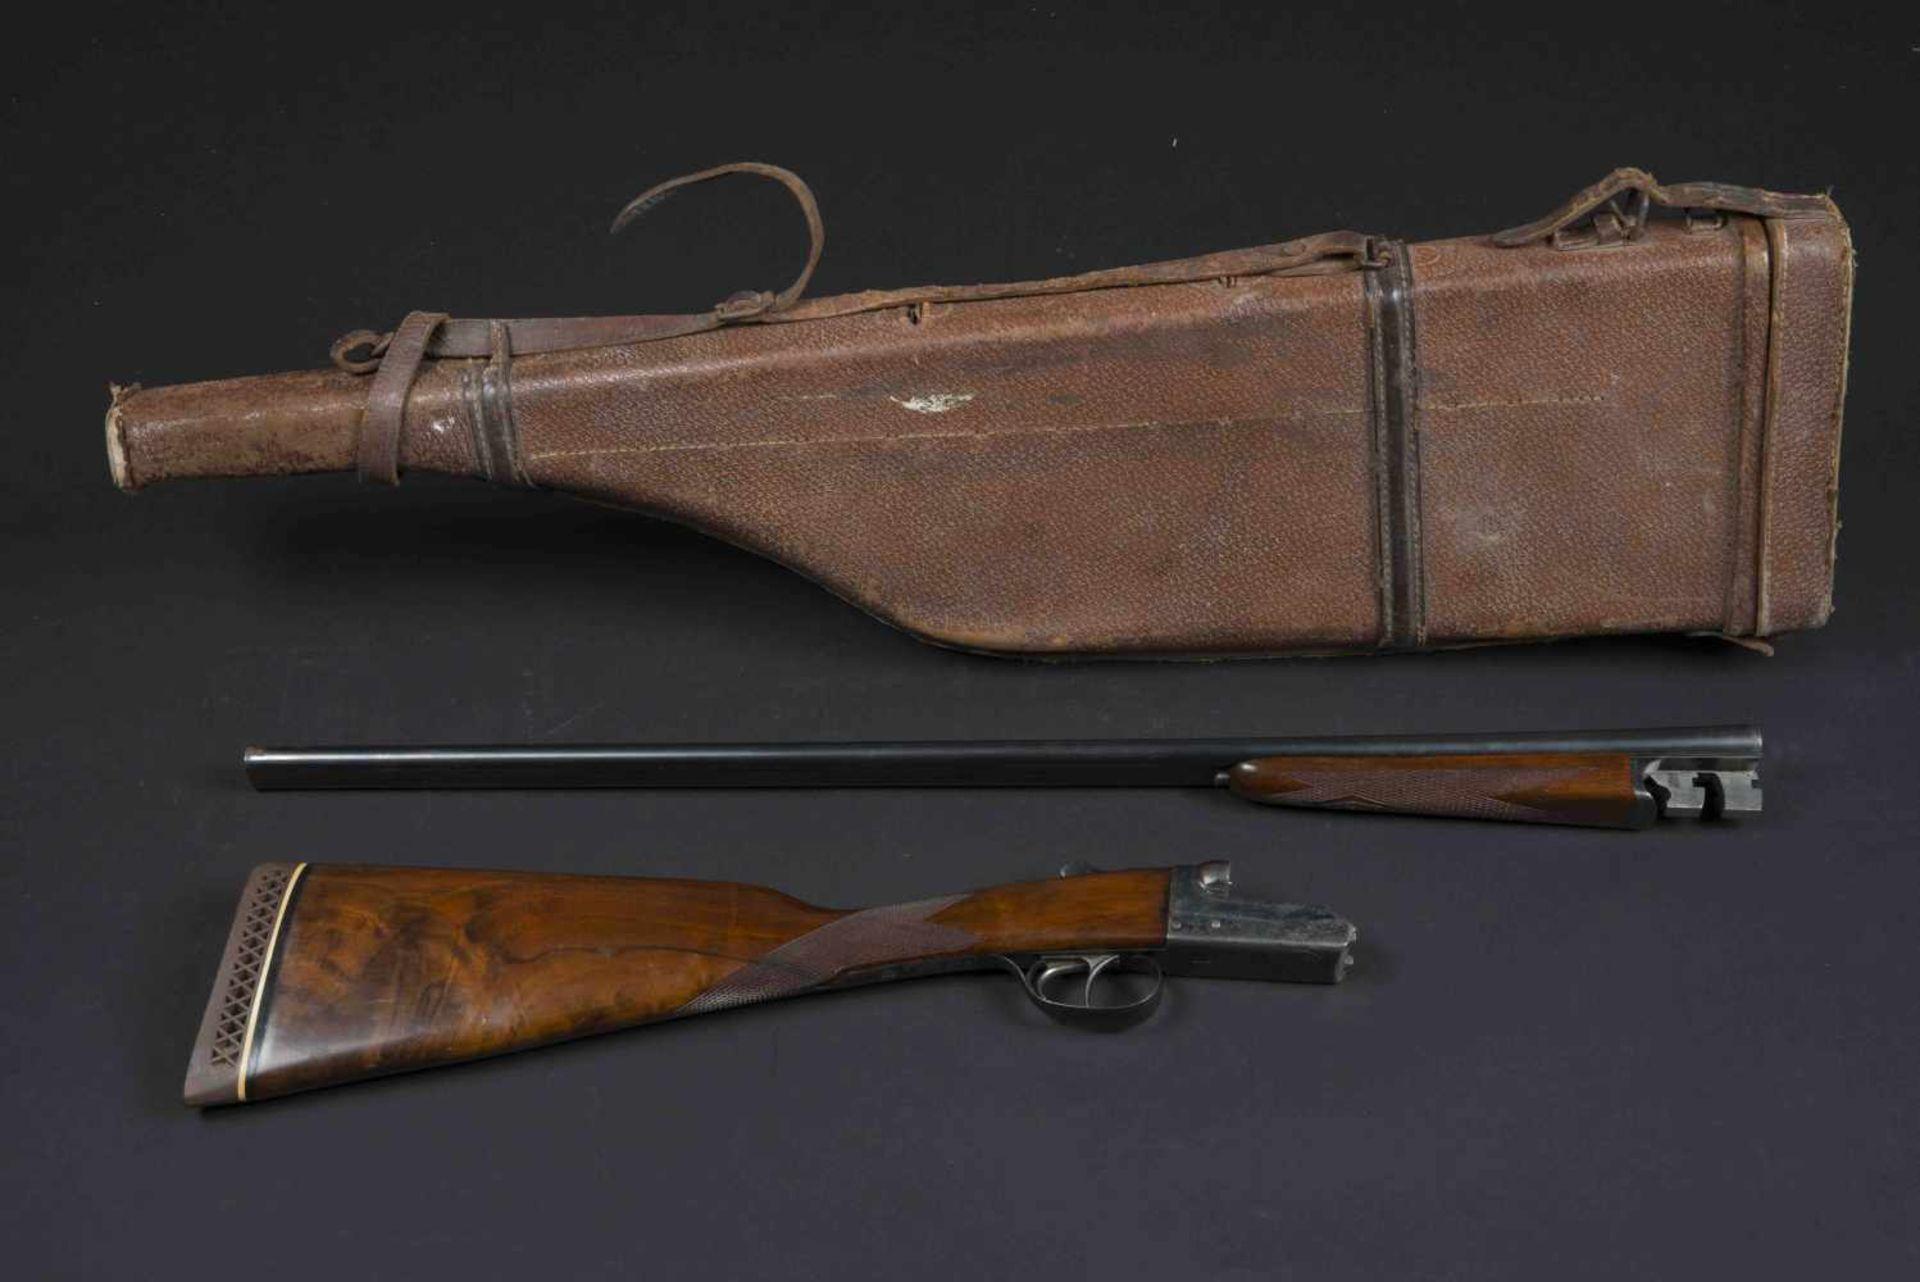 Fusil Aya Aguirre & Aranzabel Catégorie C Crosse vernie, nombreux poinçons, calibre 12/76, numéro